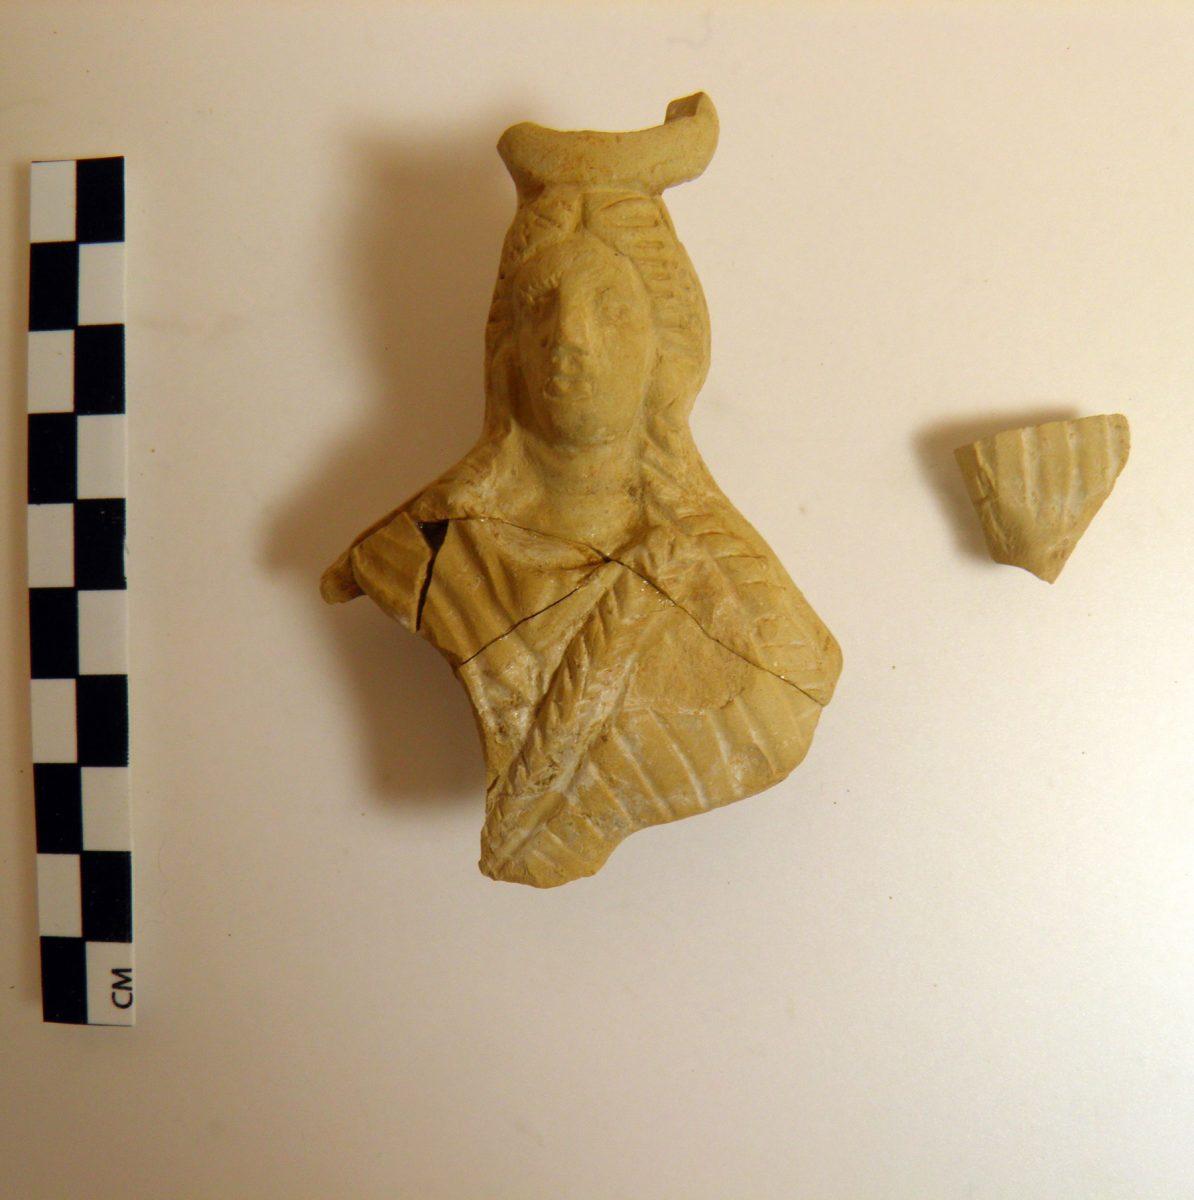 Τμήμα πήλινου ειδωλίου ή λαβής λύχνου με τη μορφή Ίσιδας από το Ιερό των Αιγυπτίων Θεών στην Μπρεξίζα Μαραθώνα (φωτ.: ΑΠΕ-ΜΠΕ).